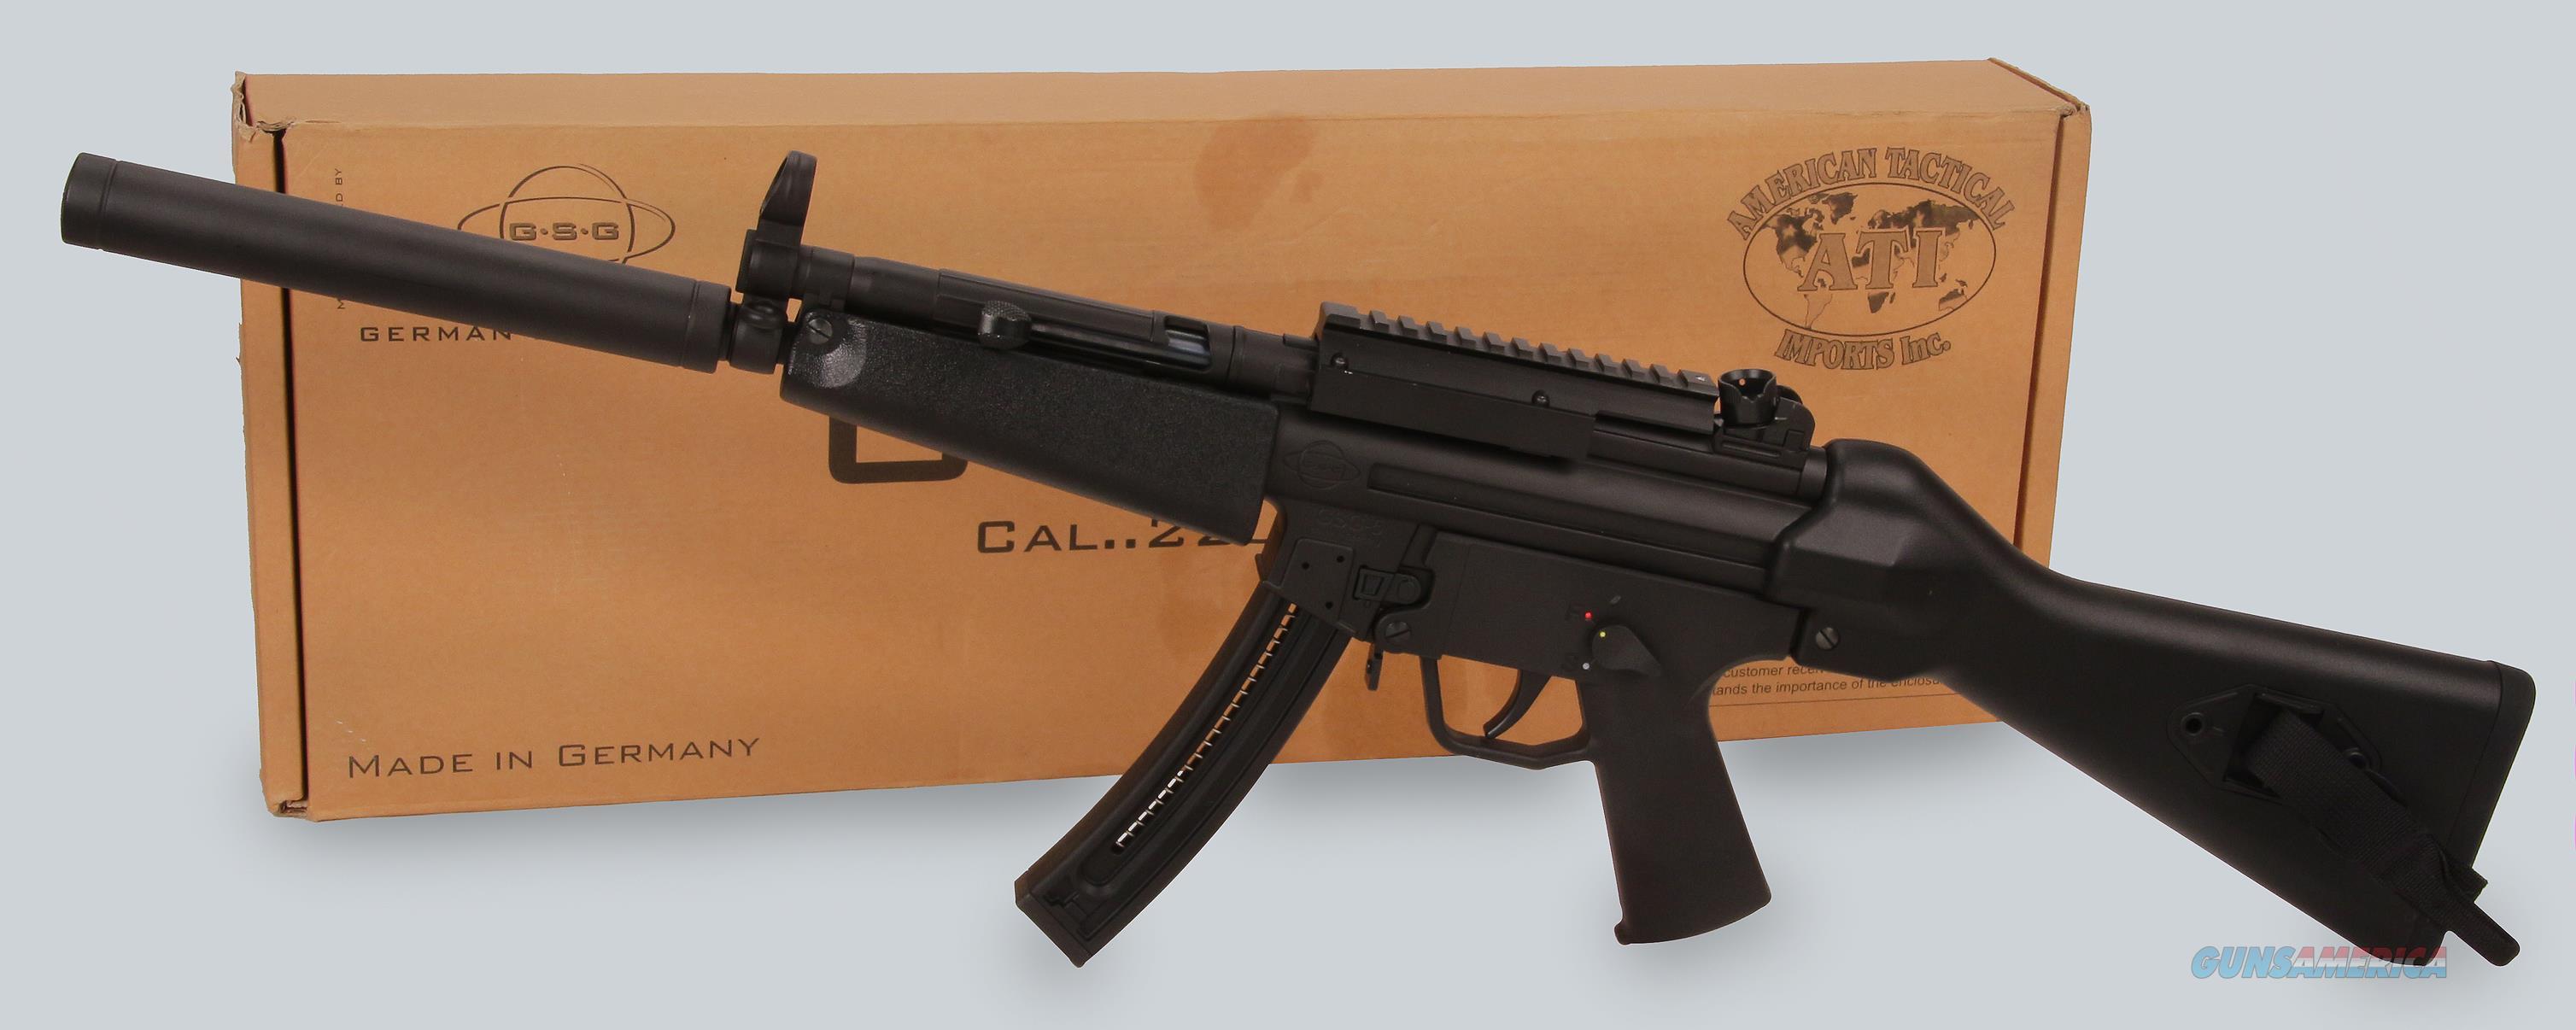 ATI 22LR Model GSG-5 Semi Auto Rifle